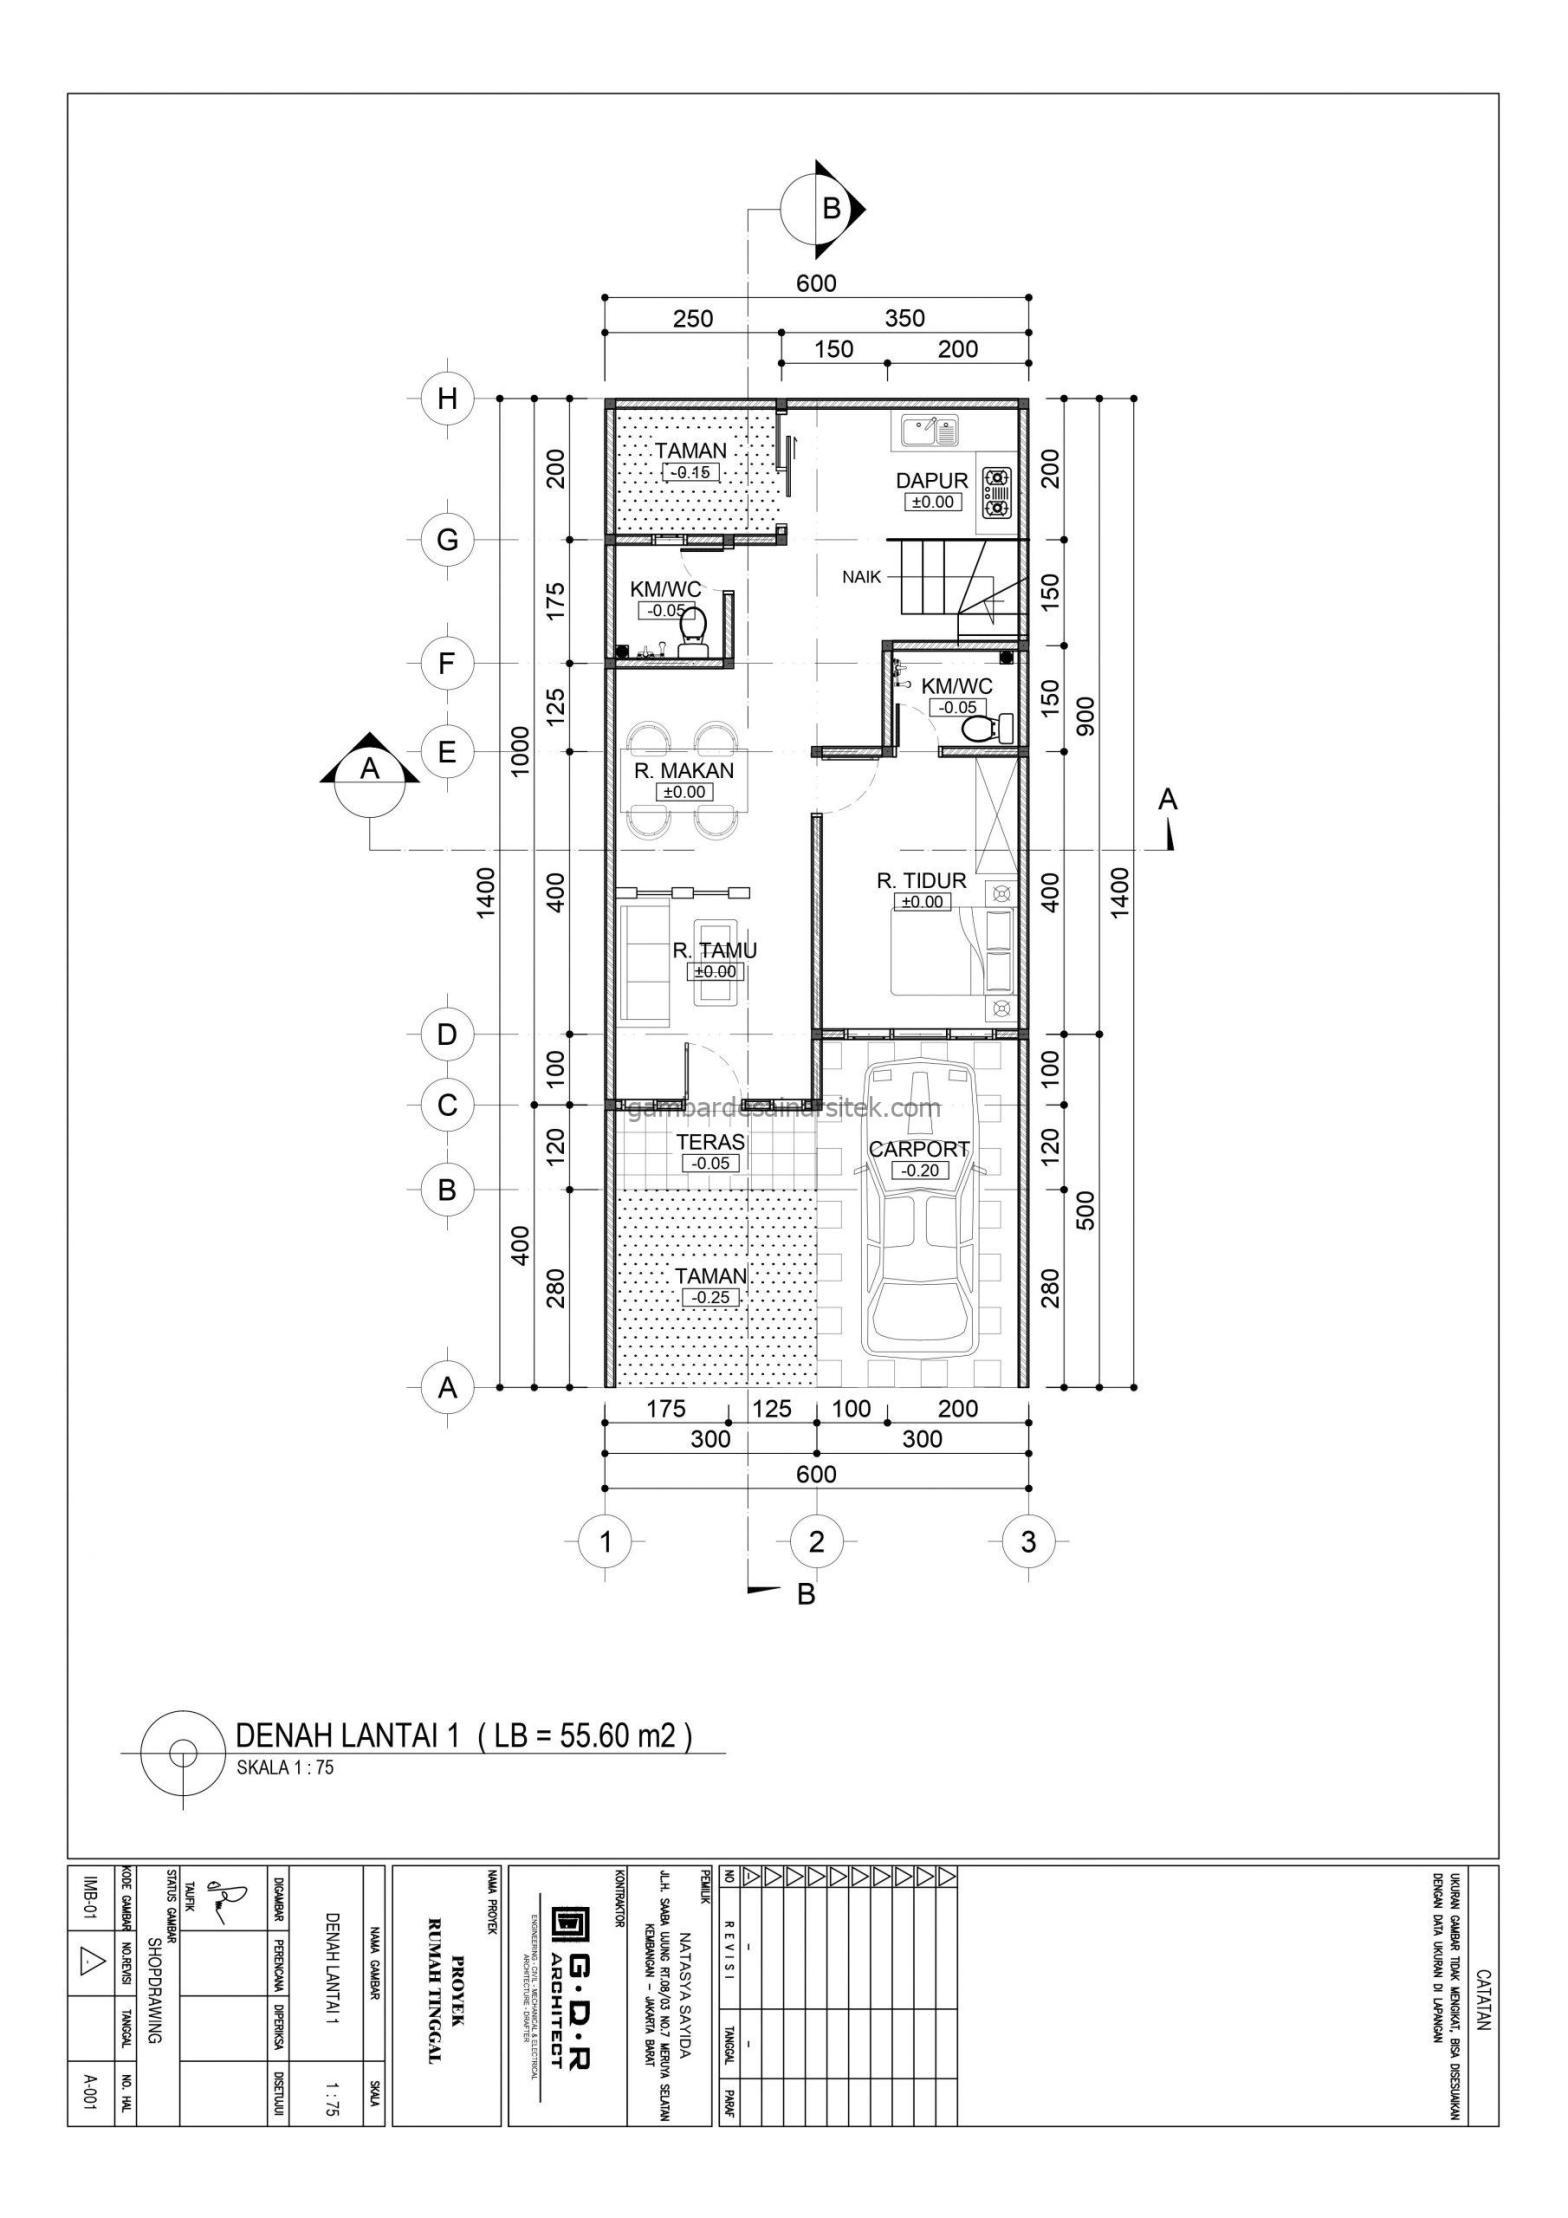 denah lantai 1 gambar desain rumah 2 lantai 6x14 3